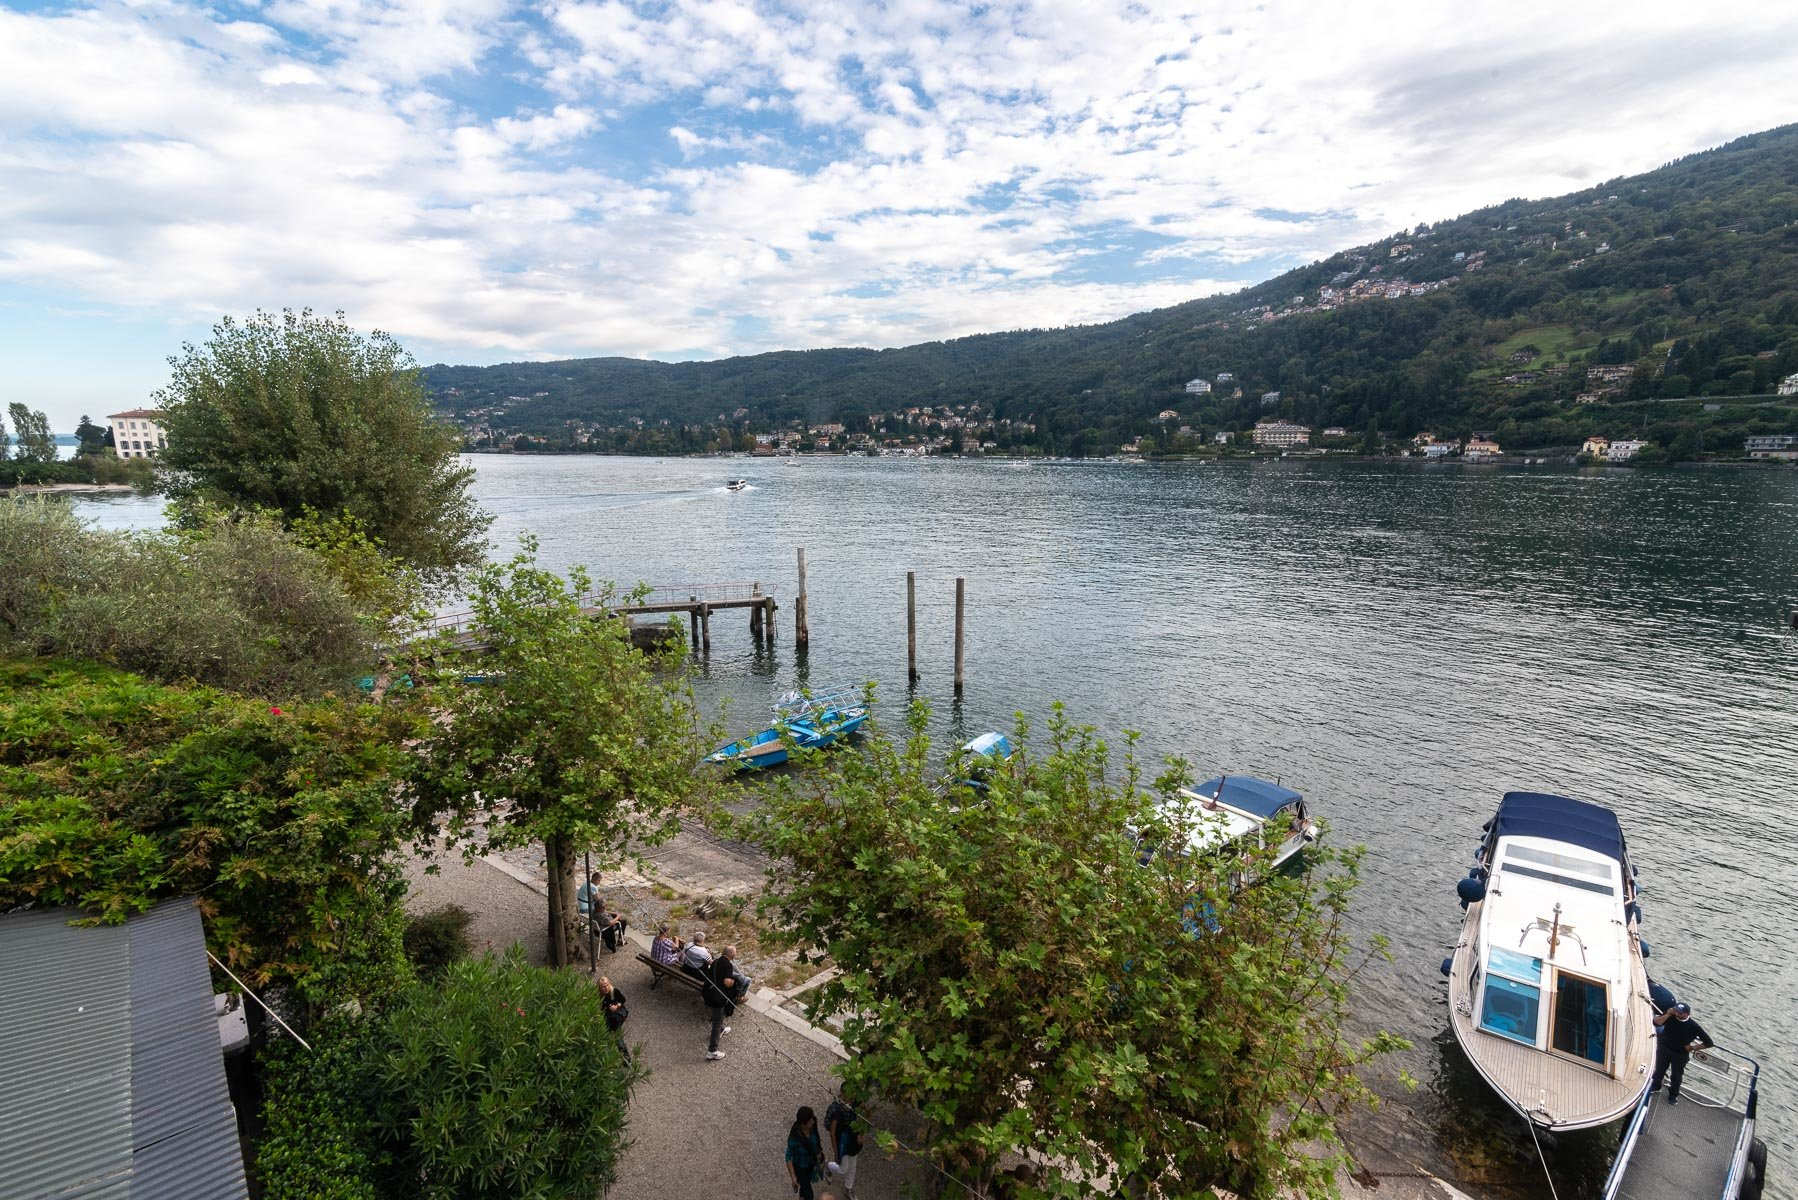 Apartment for sale in Pescatori Island, Stresa - Lake Maggiore